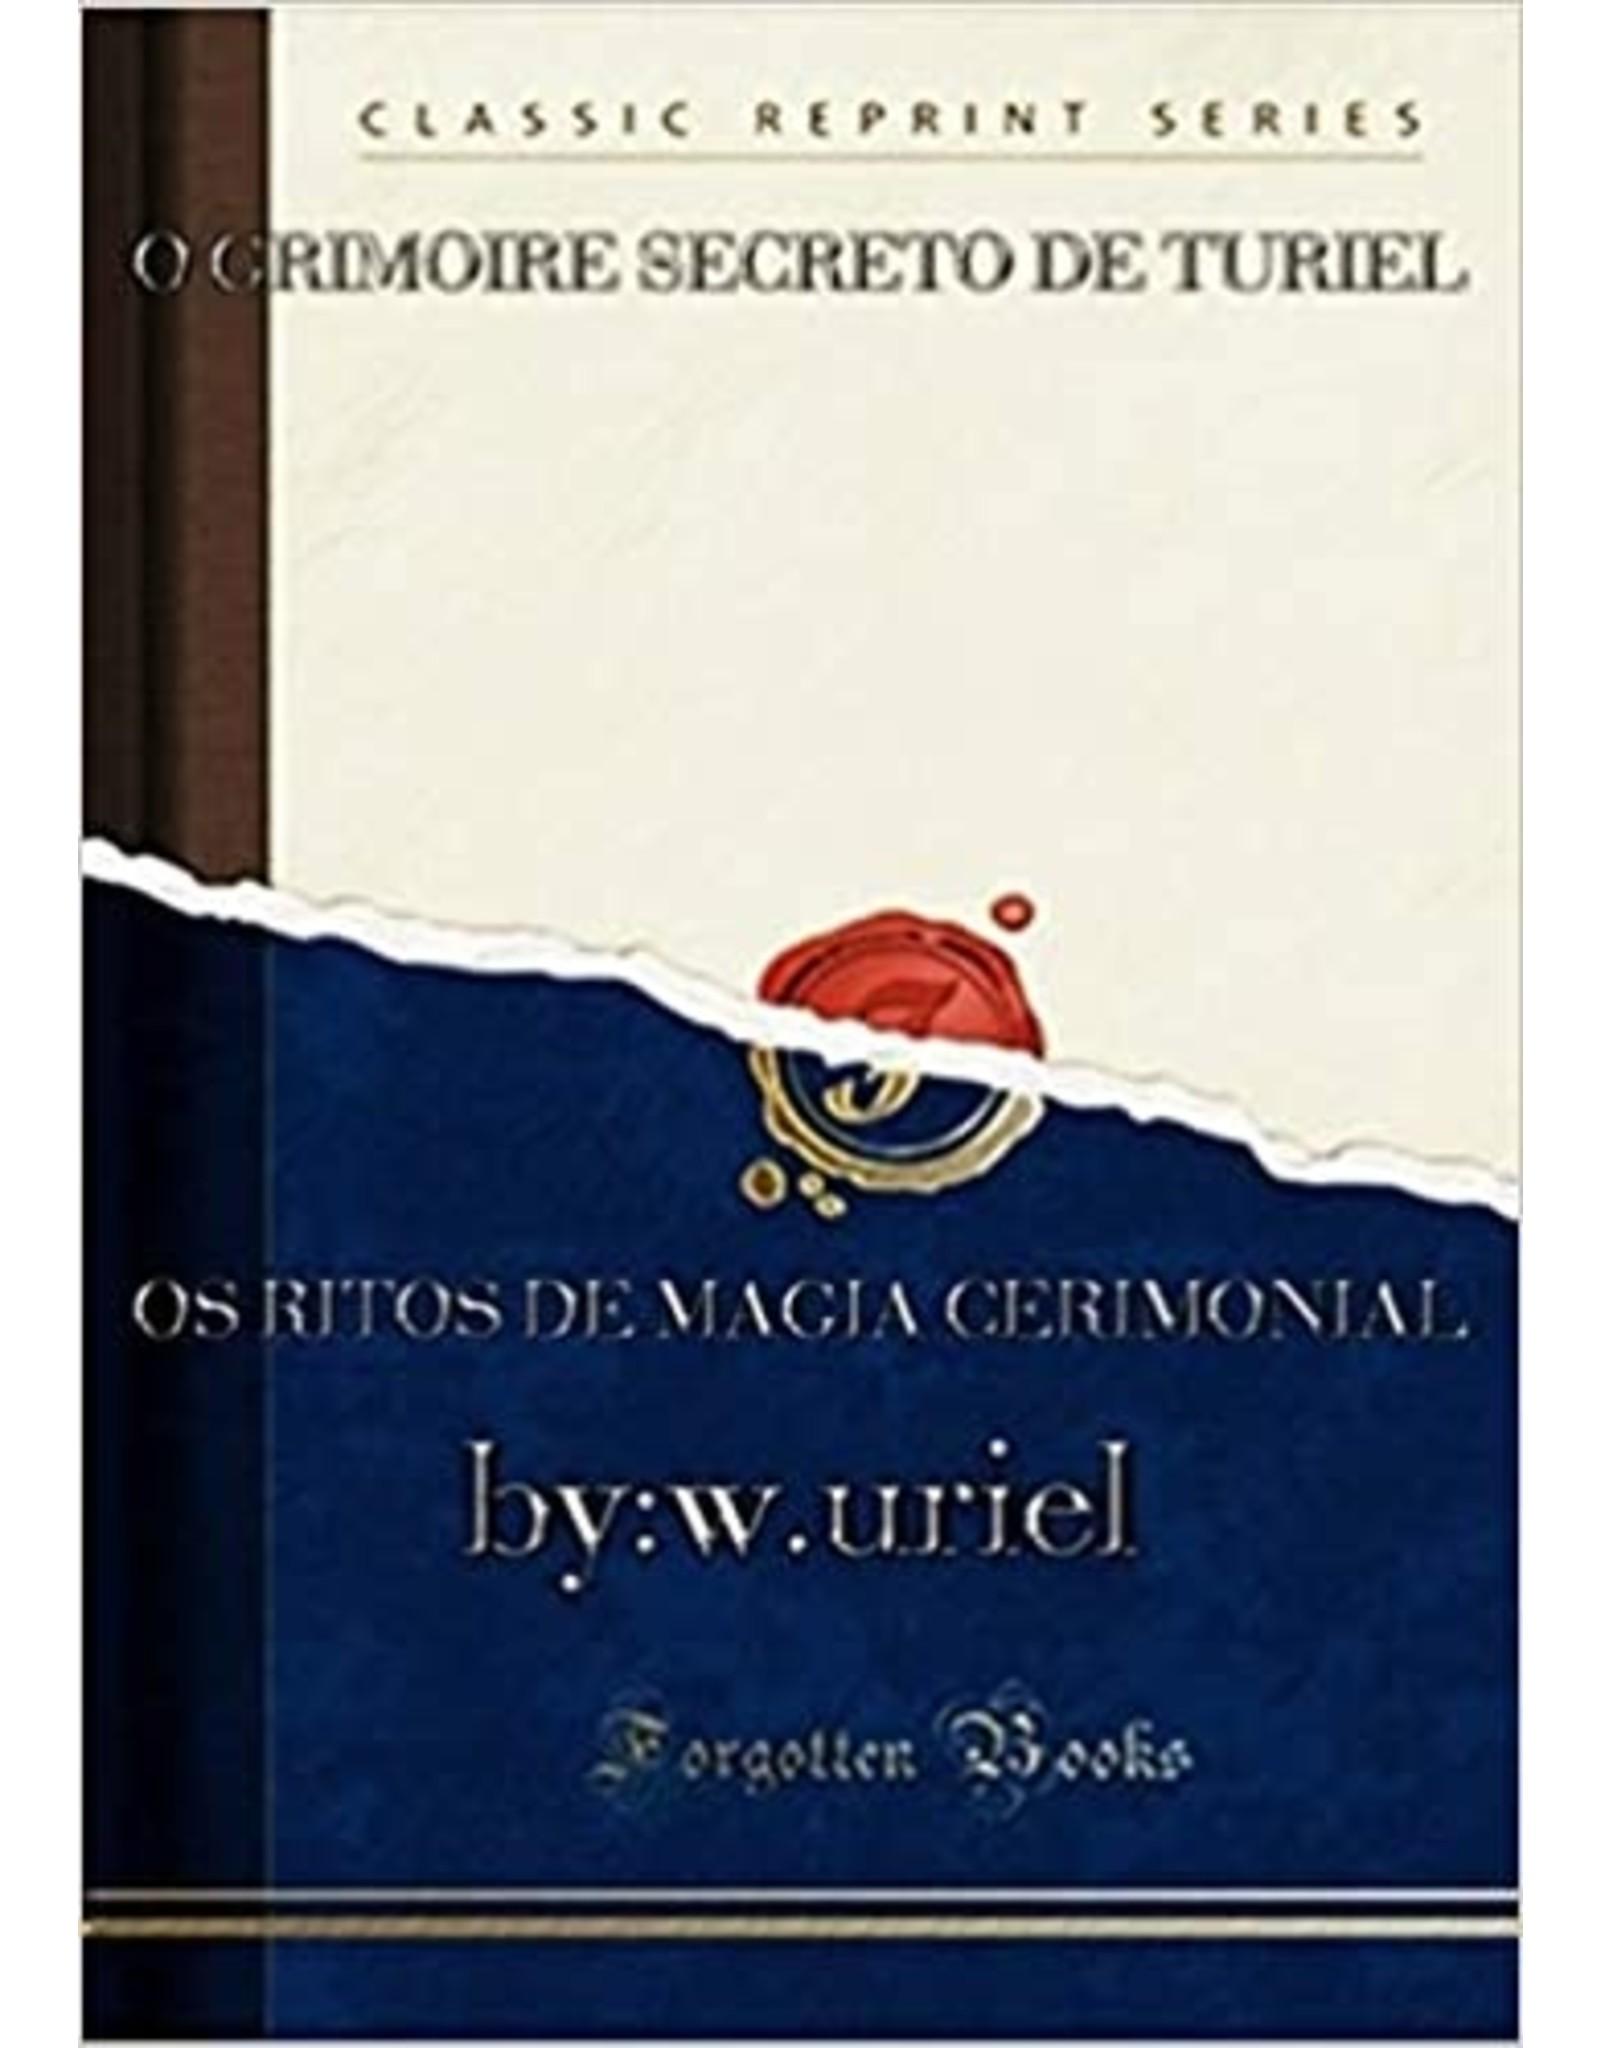 The Secret Grimoire of Turiel